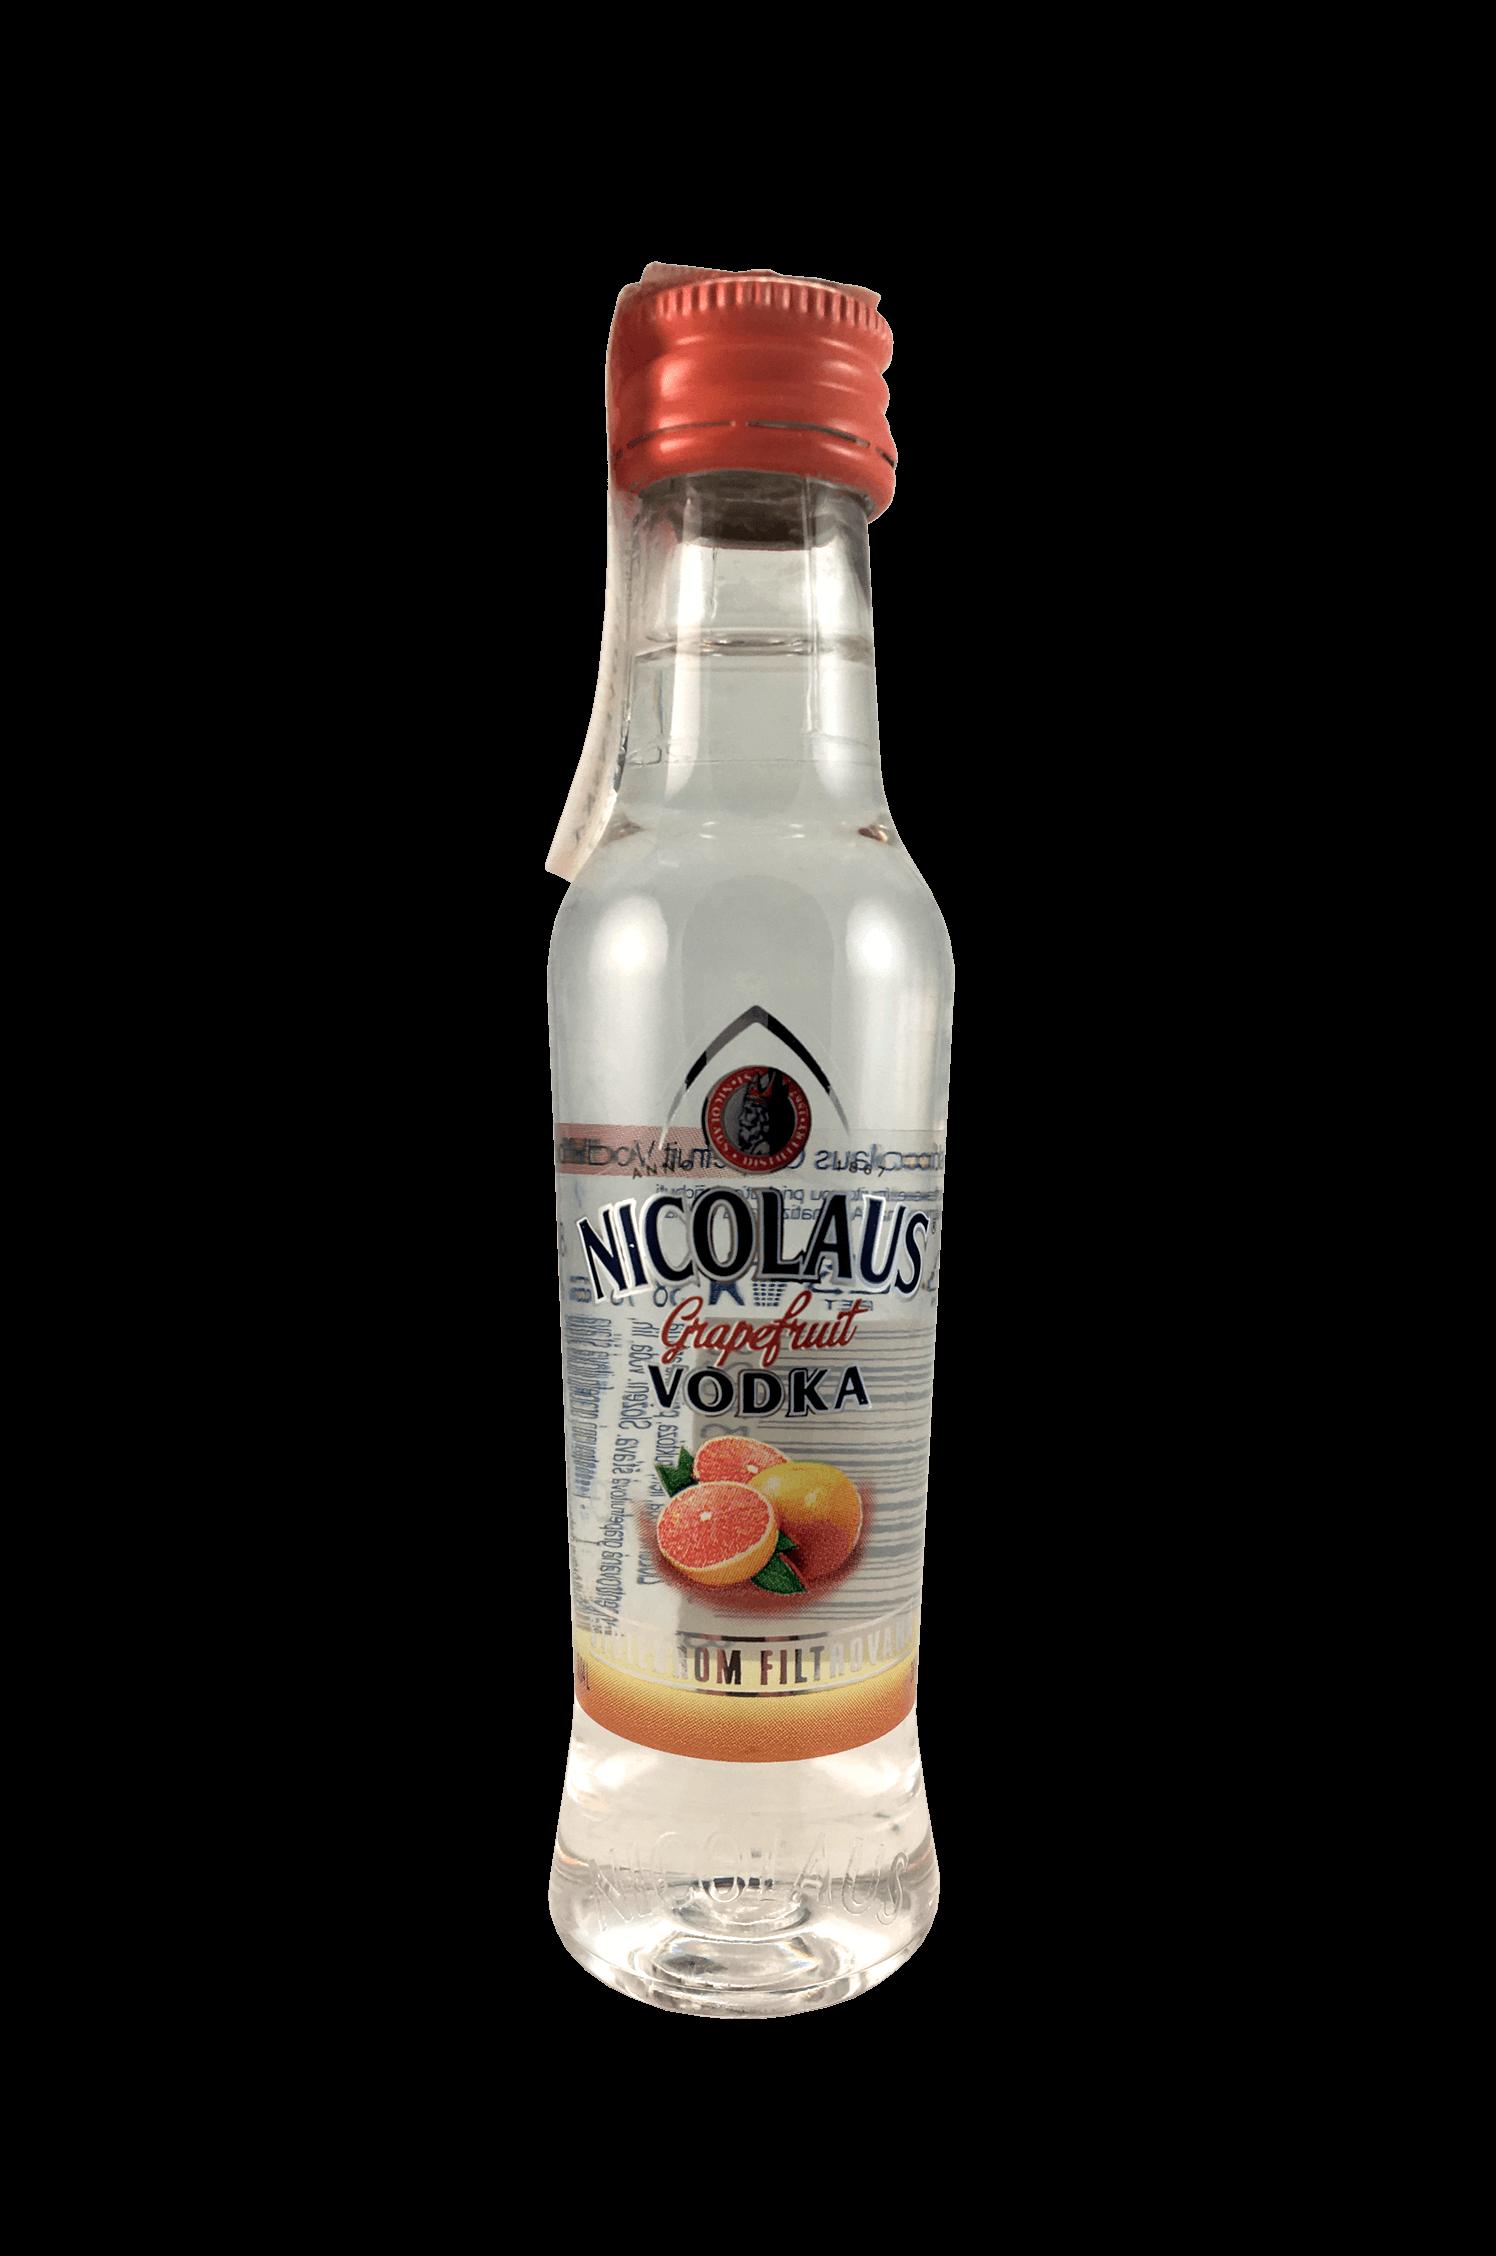 Nicolaus Grapefruit Vodka